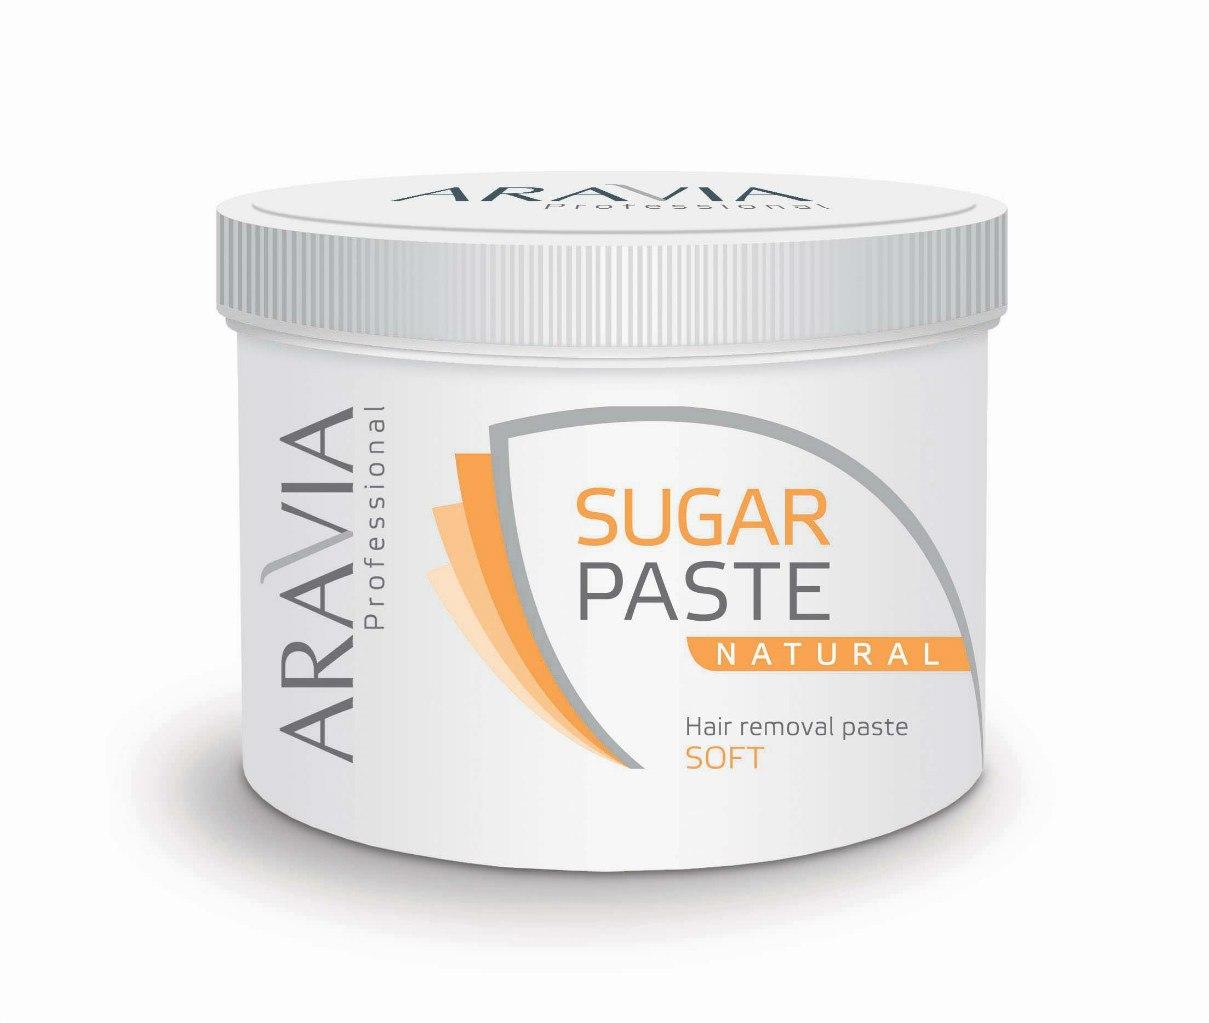 Сахарная паста aravia professional для депиляции легкая средней консистенции, 750 г. - 1547 руб. сахарная паста лайт 700 г 750гр.